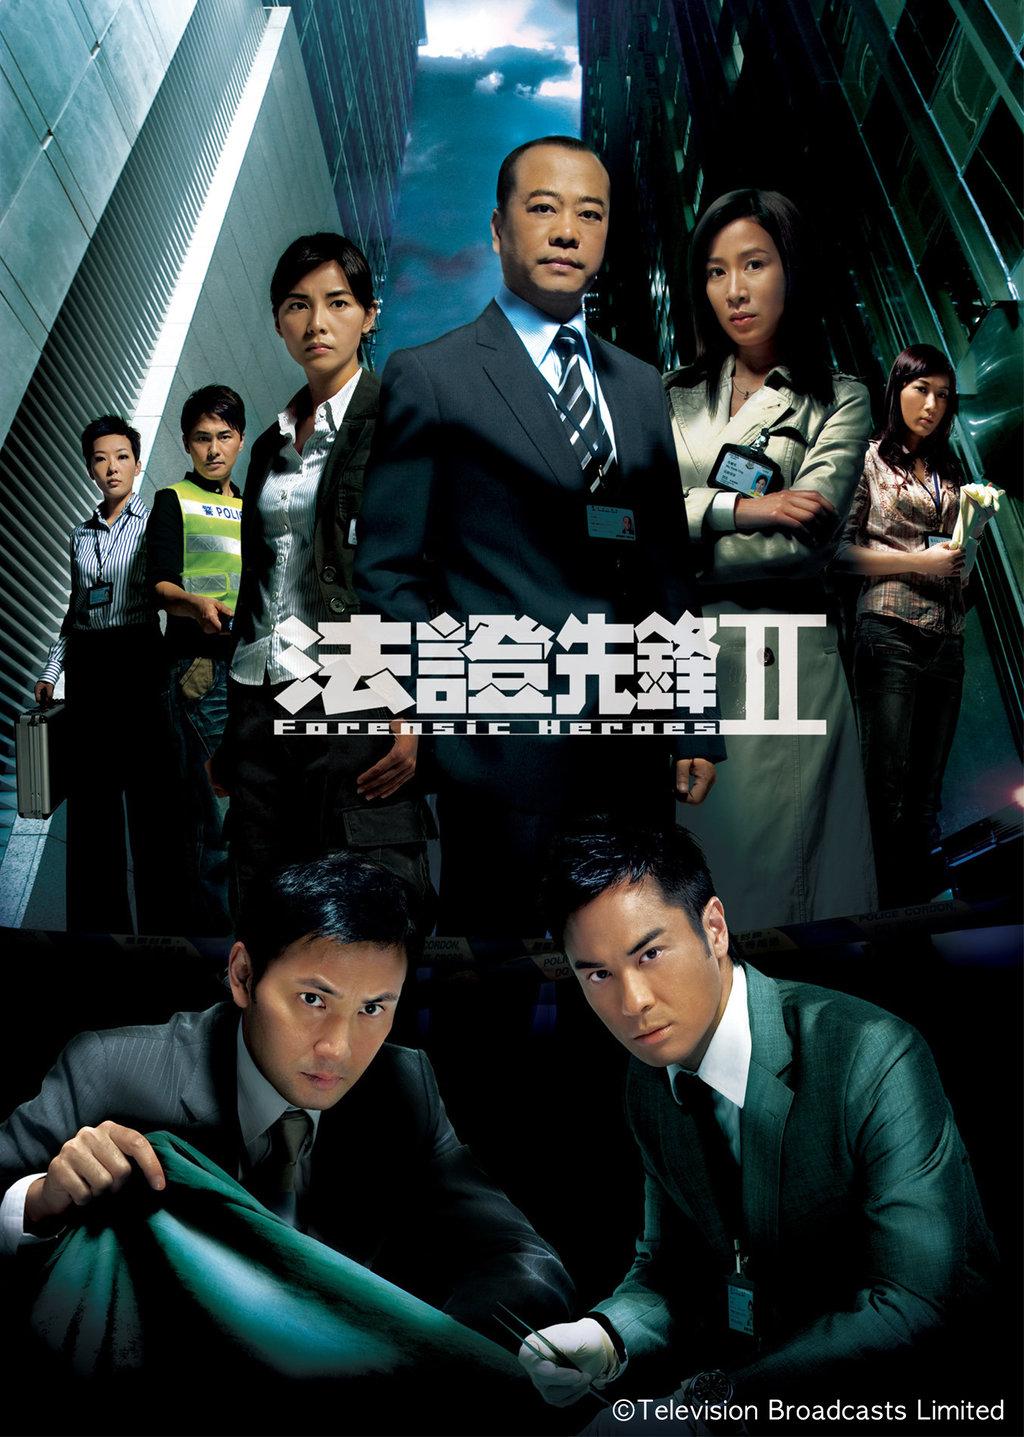 法證先鋒II第1集 免費線上看 港劇 LINE TV-精彩隨看